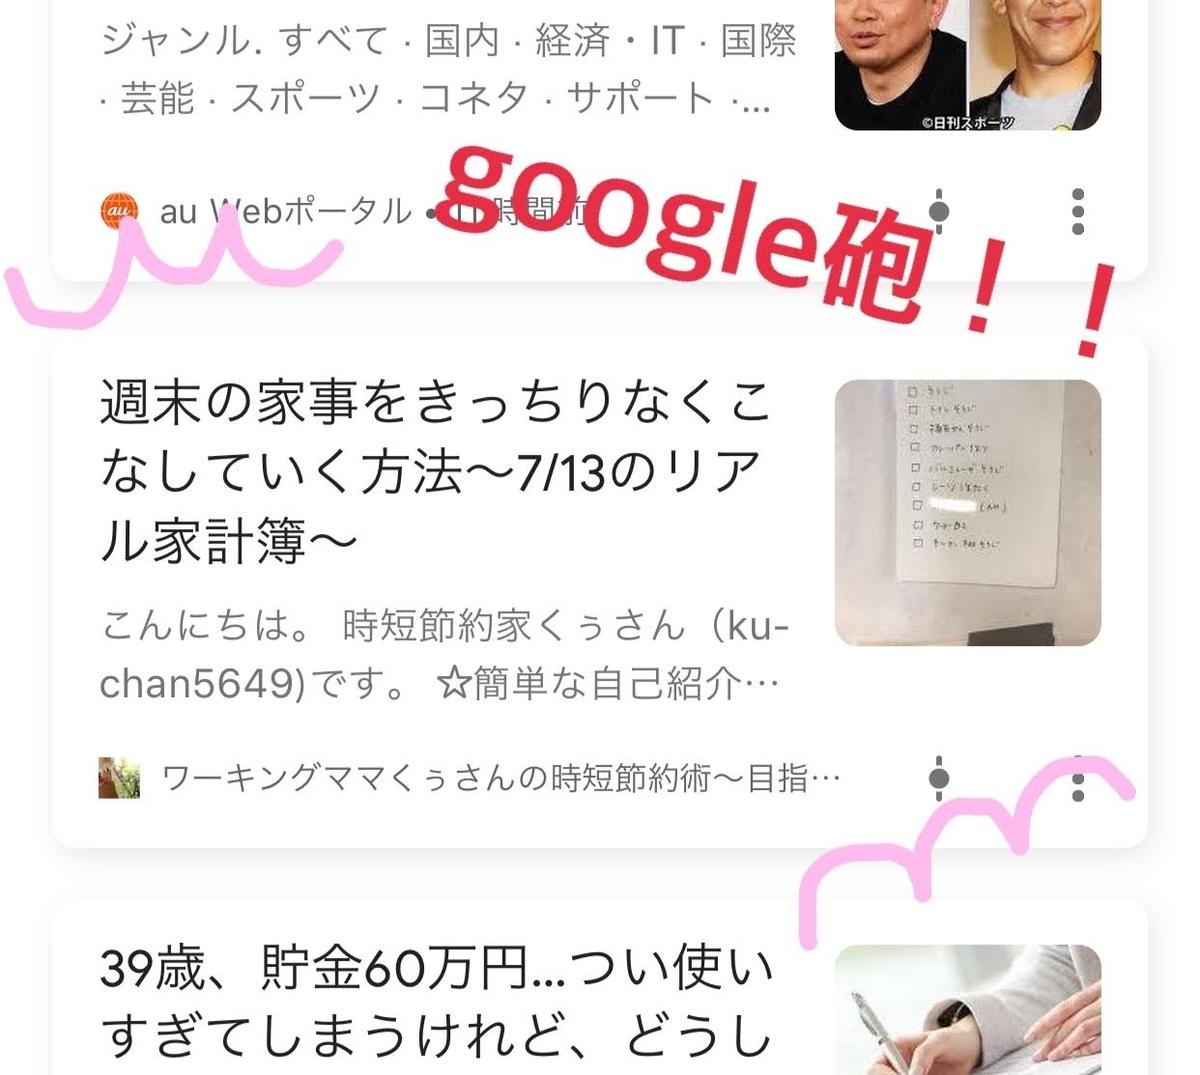 f:id:ku-chan5649:20190714124029j:plain